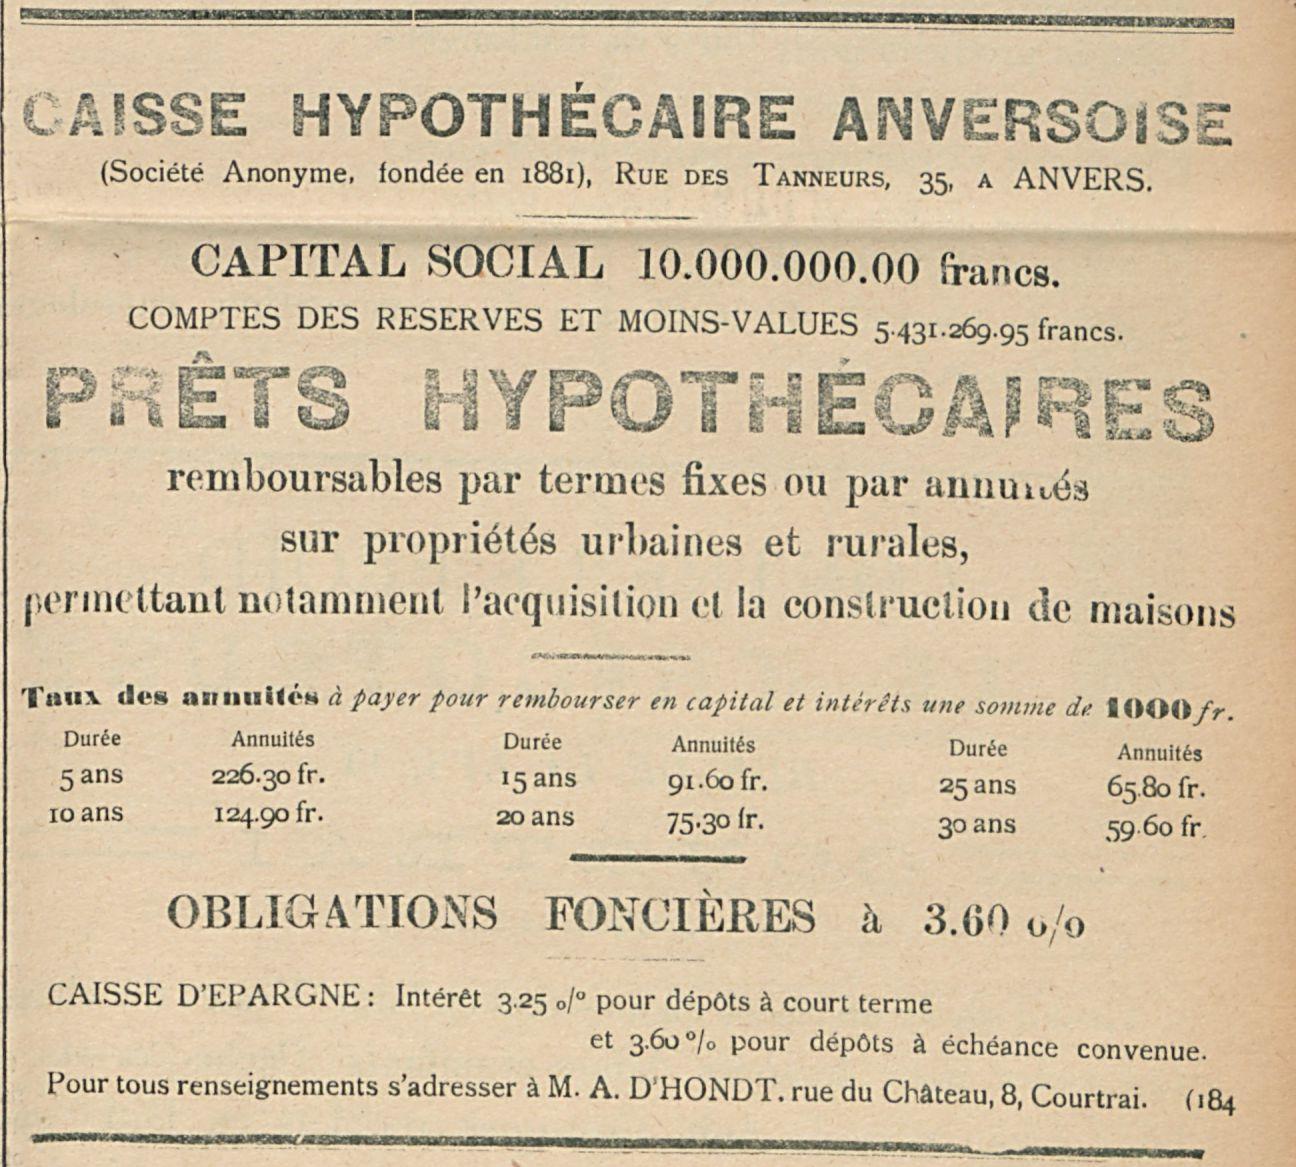 CAISSE HYPOTHECAIRE ANVEROISE